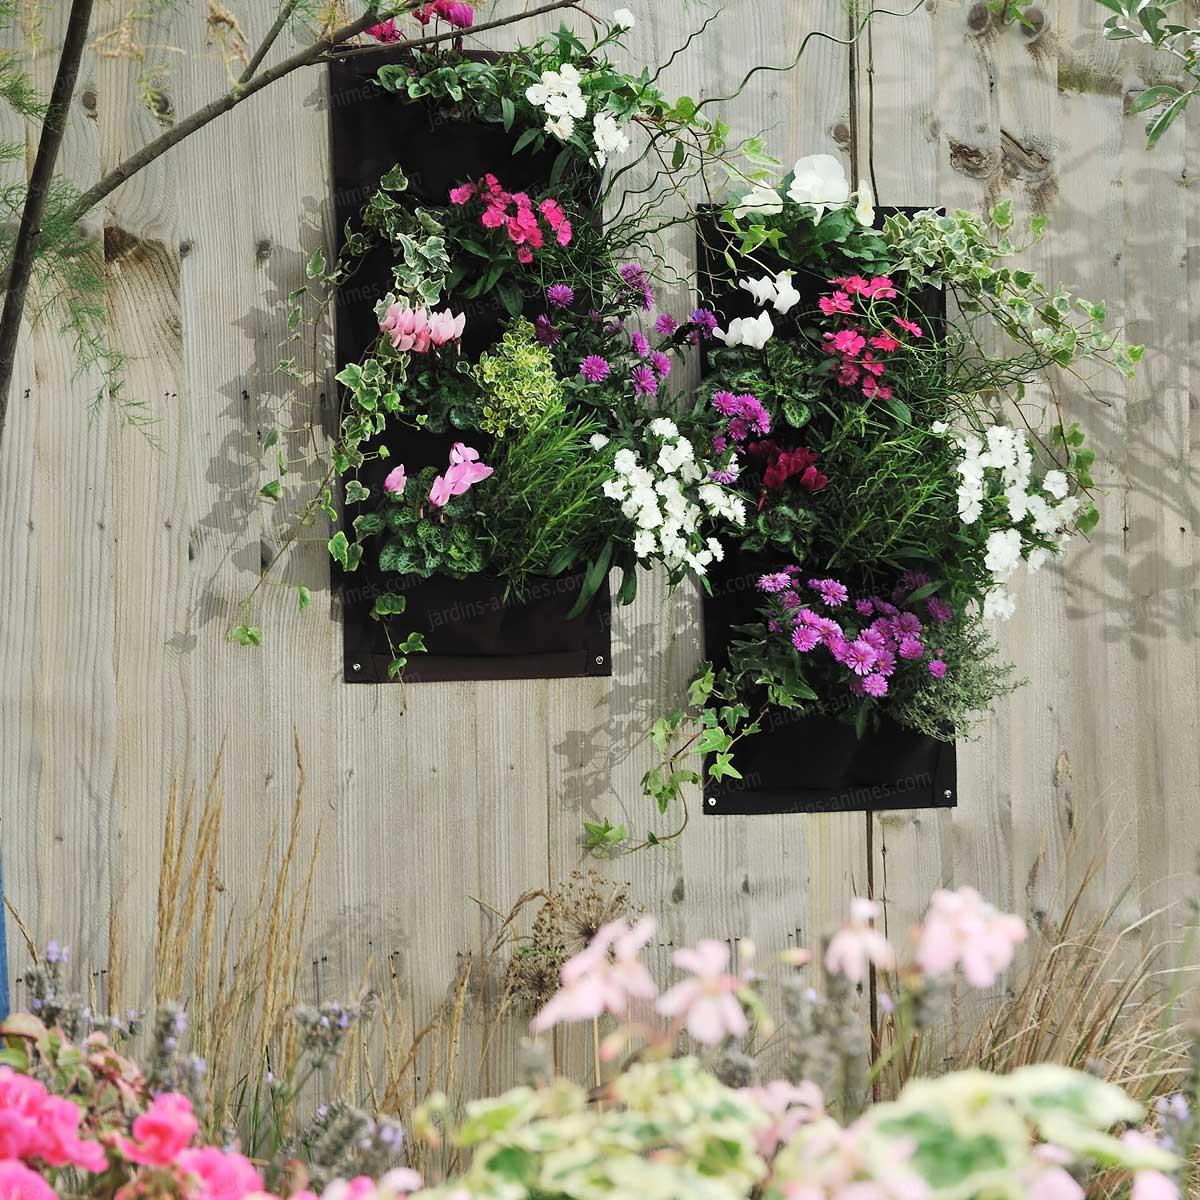 Jardin vertical verti plant 3 poches pour salades aromatiques et petites plantes lot de 2 mur - Fixer jardiniere rebord fenetre ...